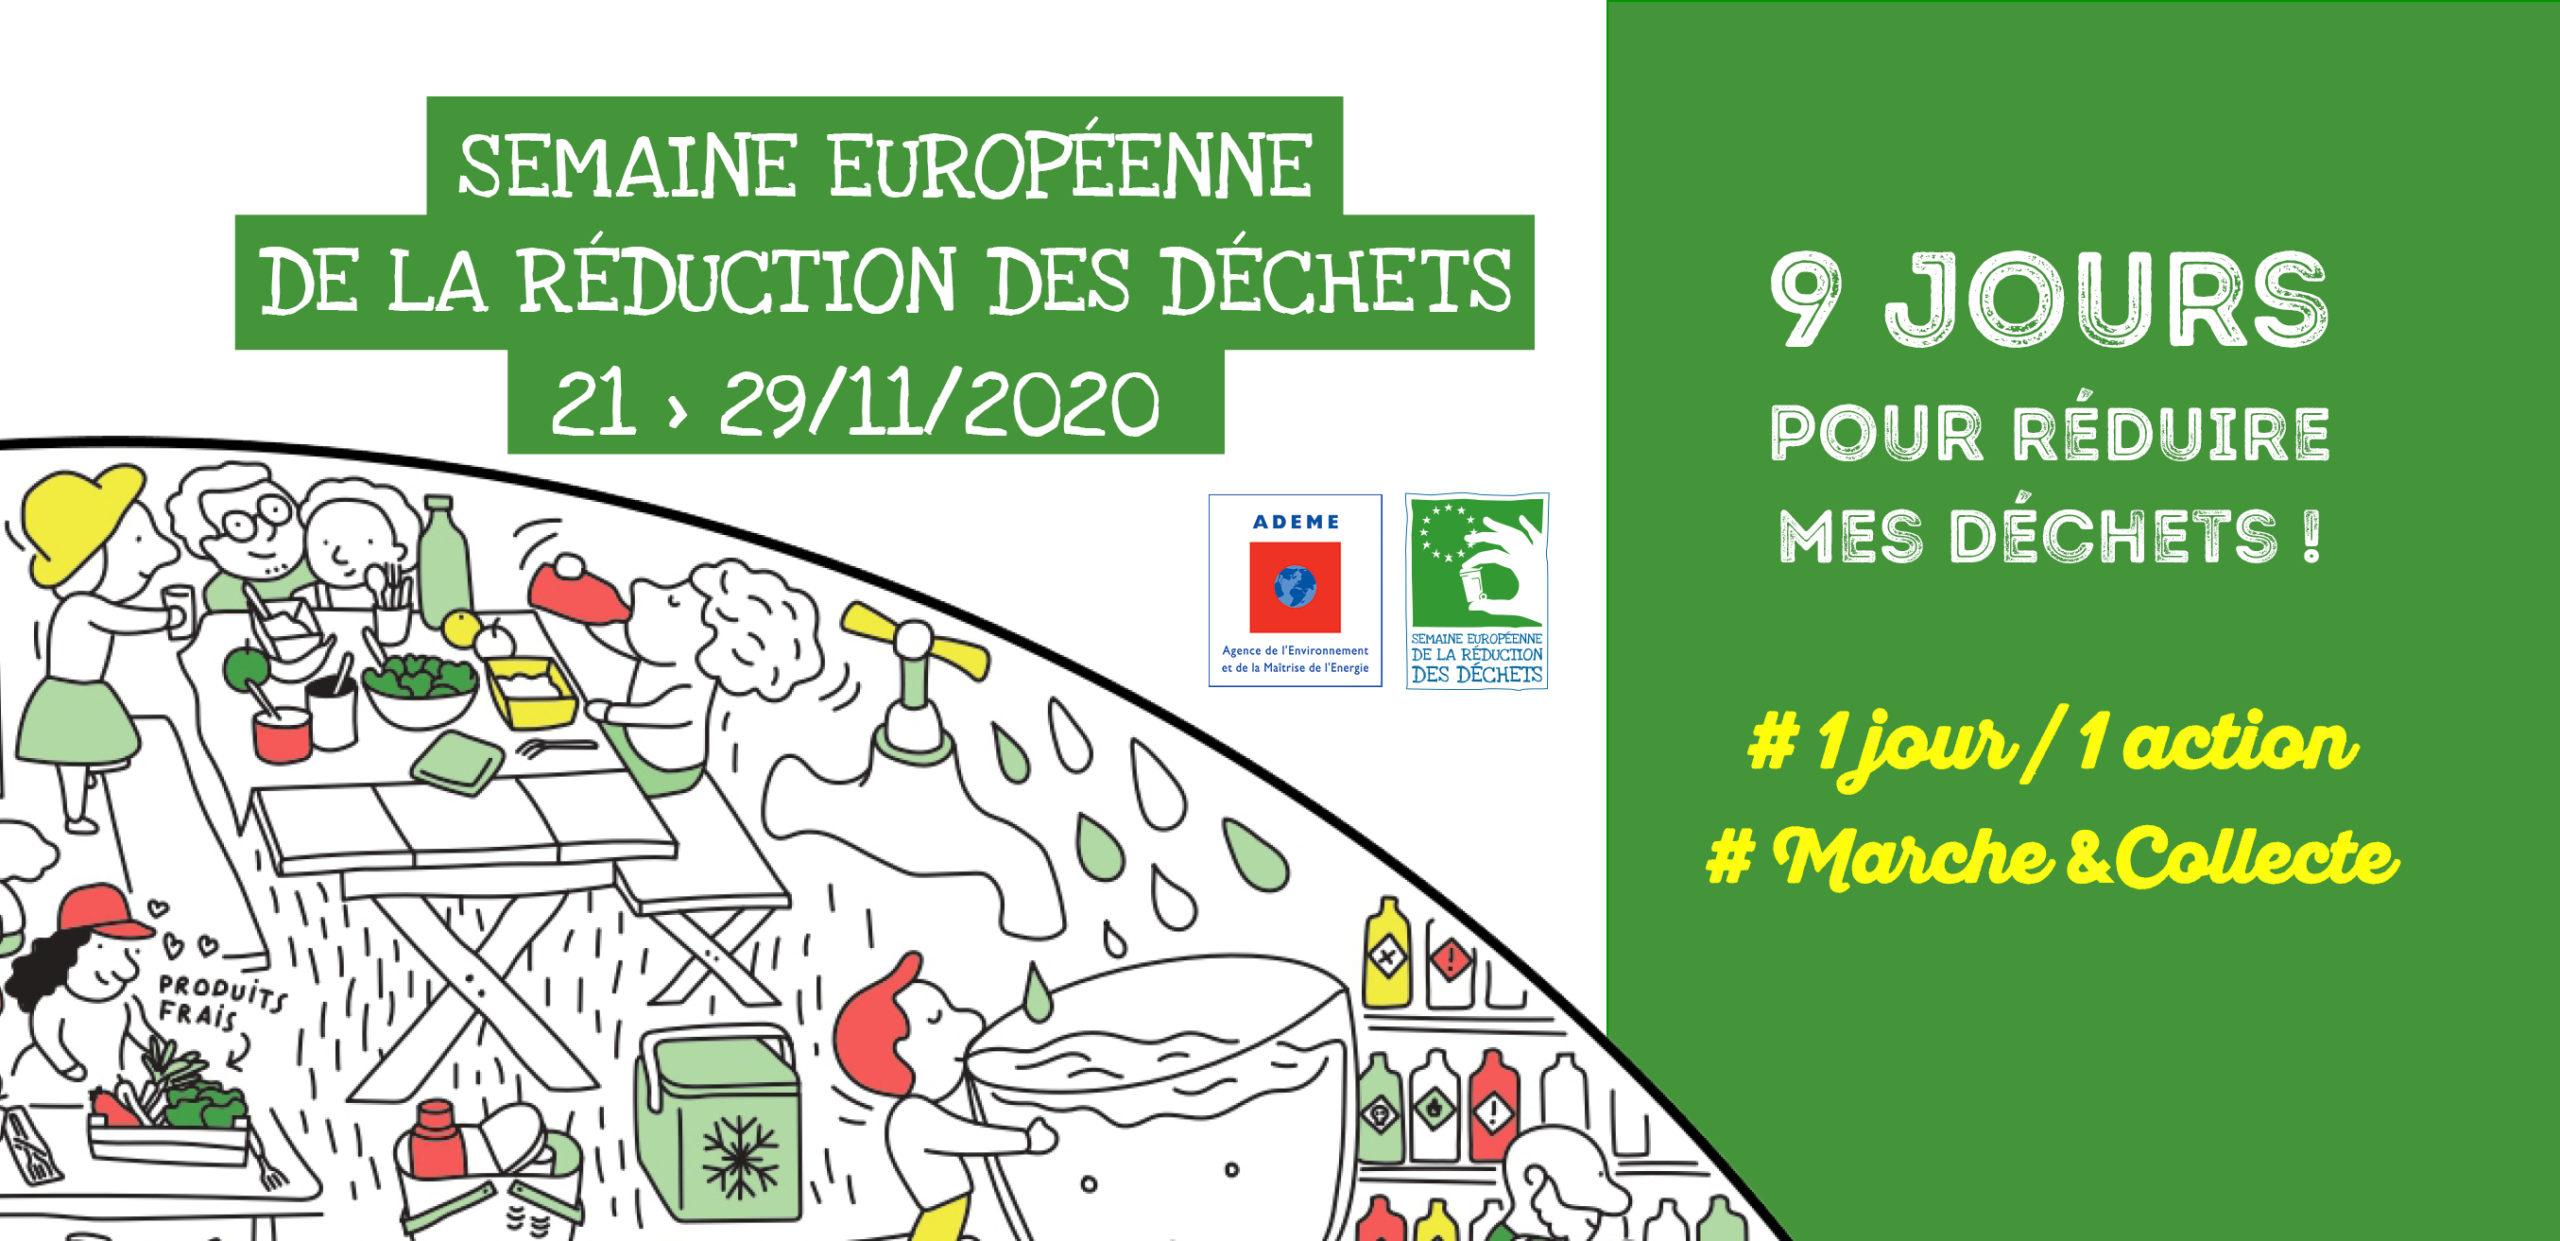 Semaine européenne de la réduction des déchets du 21 au 29 novembre 2020